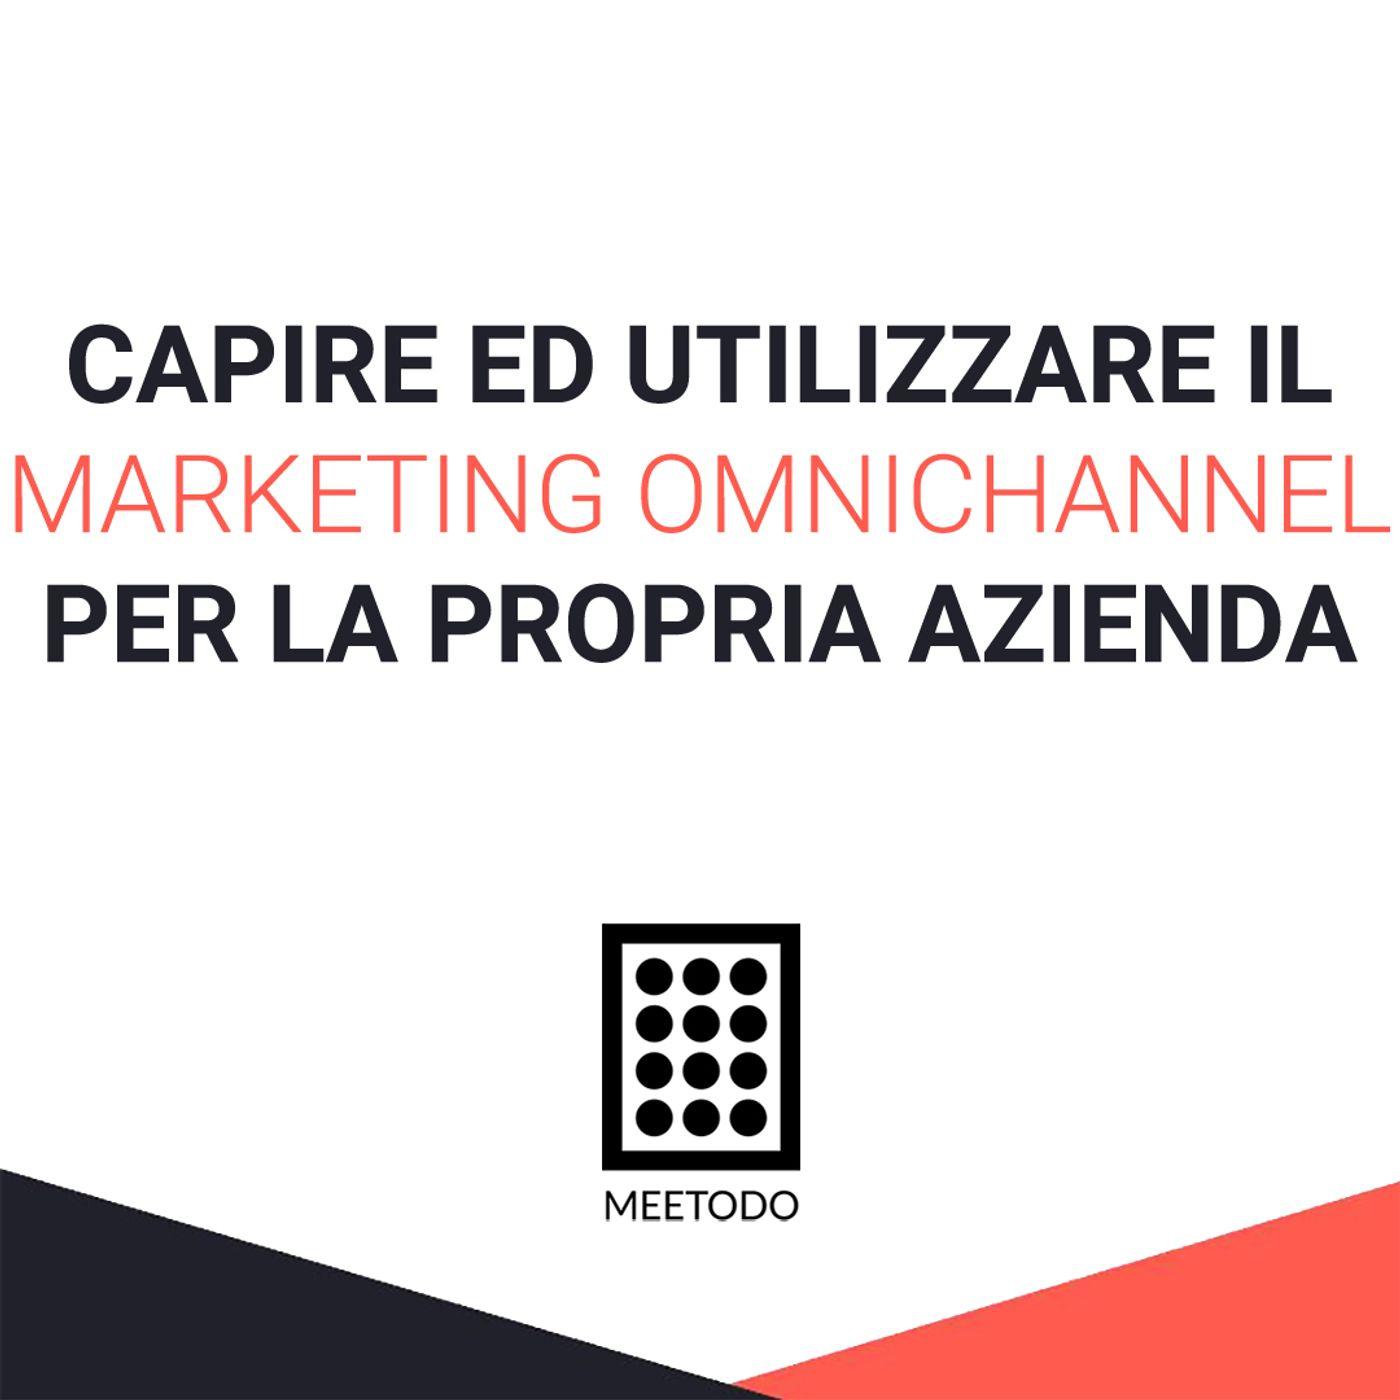 Capire ed utilizzare il Marketing Omnichannel